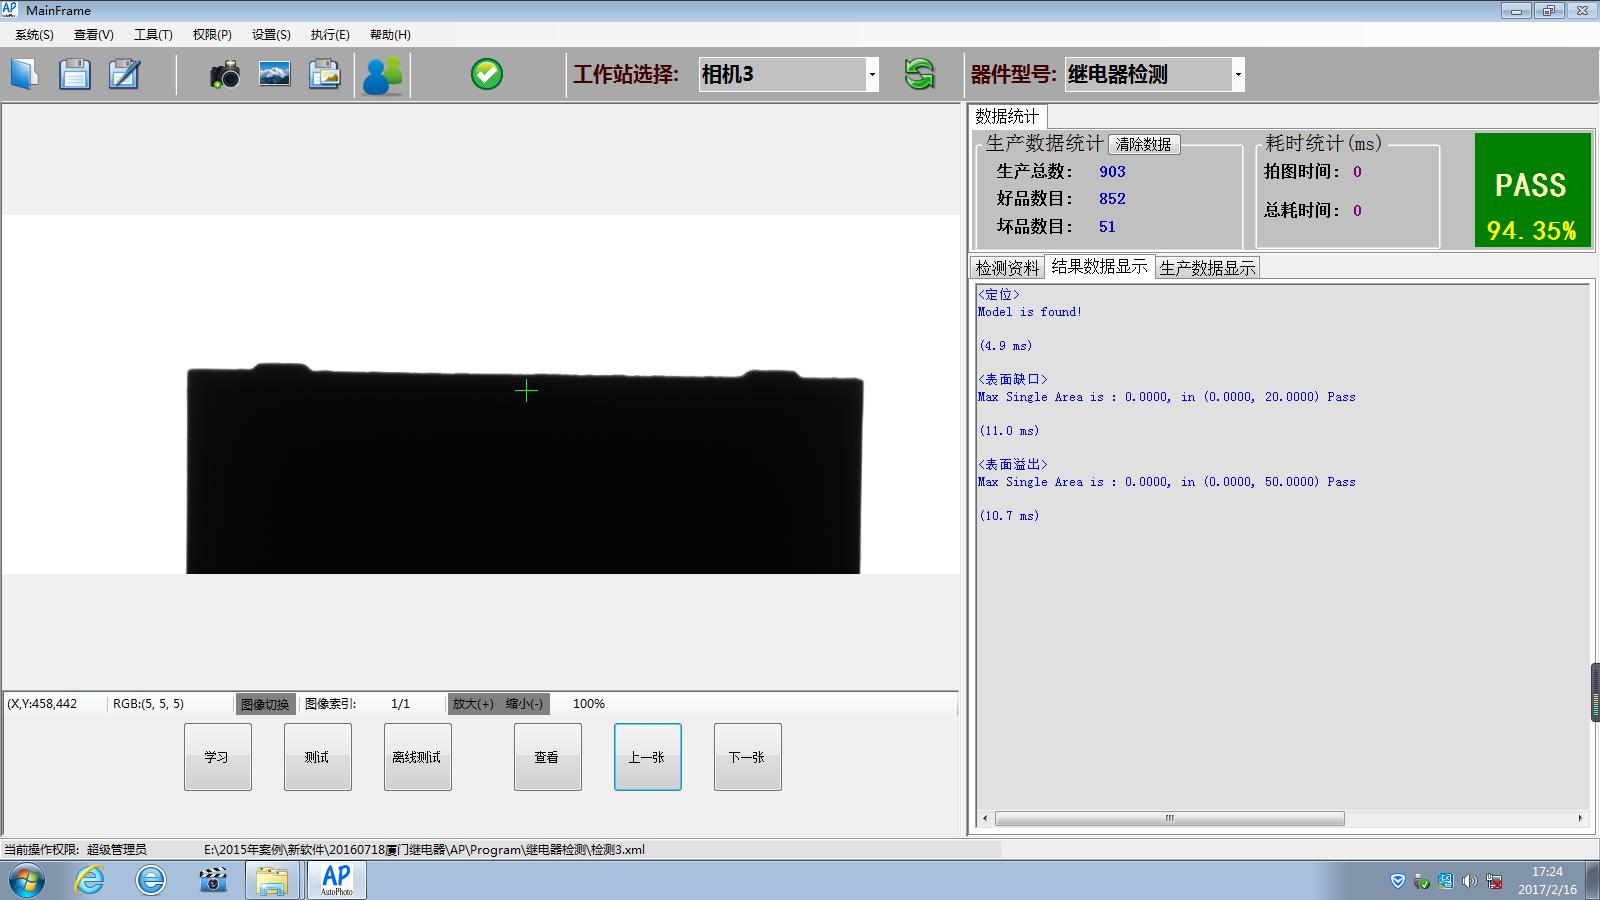 视觉检测: 检测继电器外壳缺陷